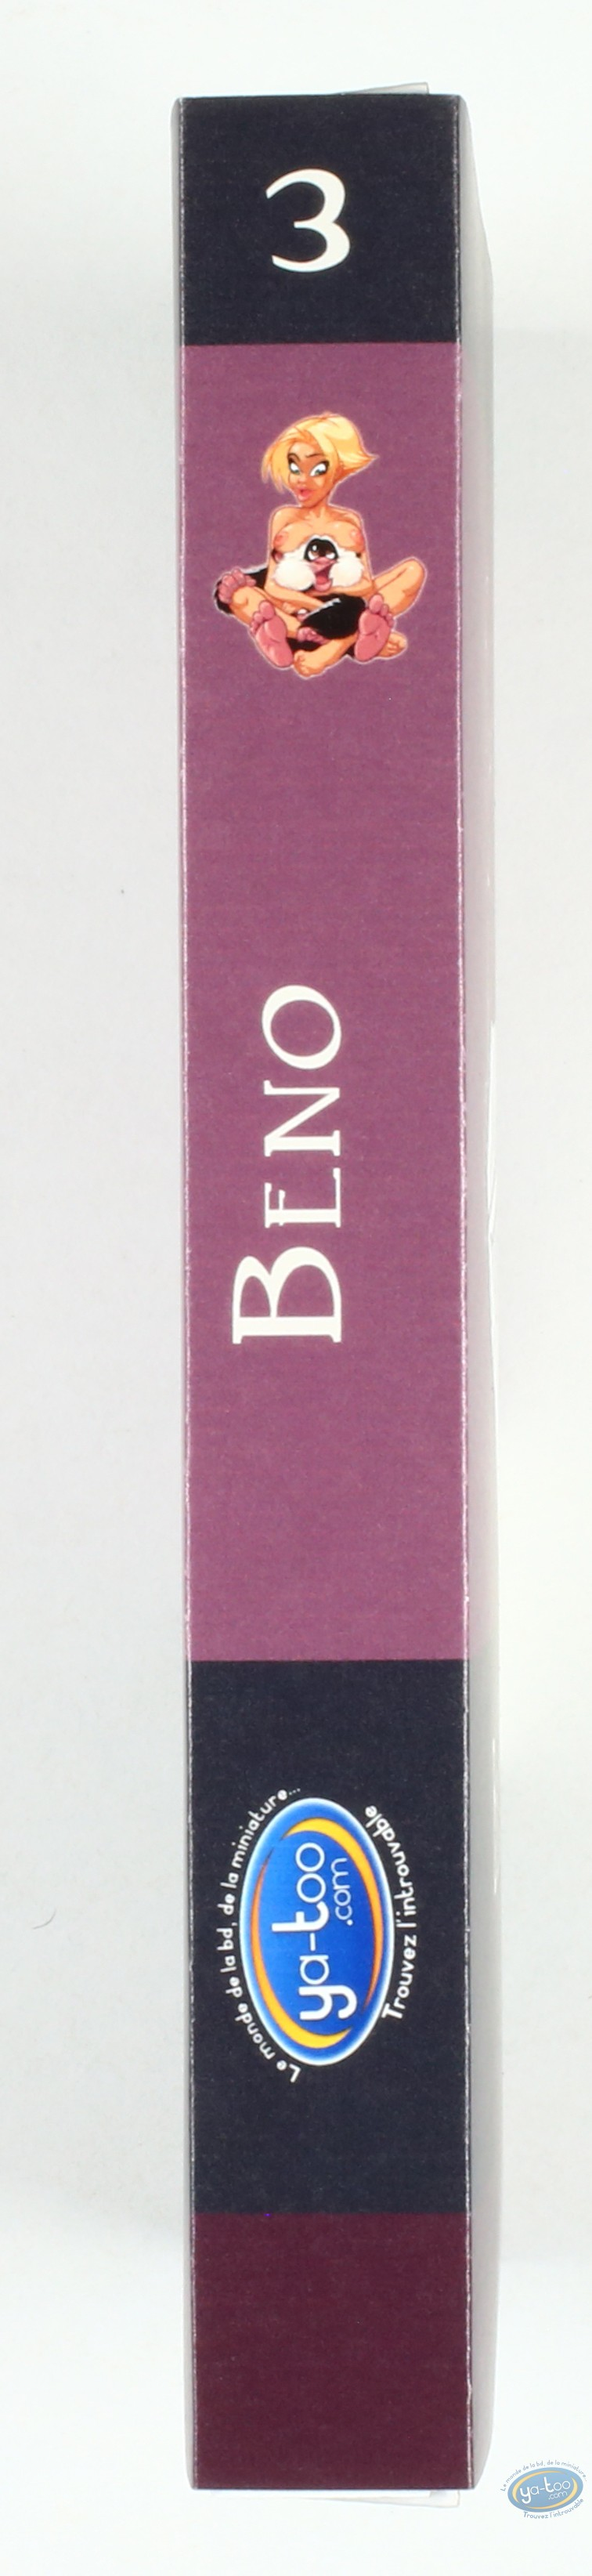 Plaque émaillée, Autre Terre (L') : Plaque N°3 - Selma de Beno